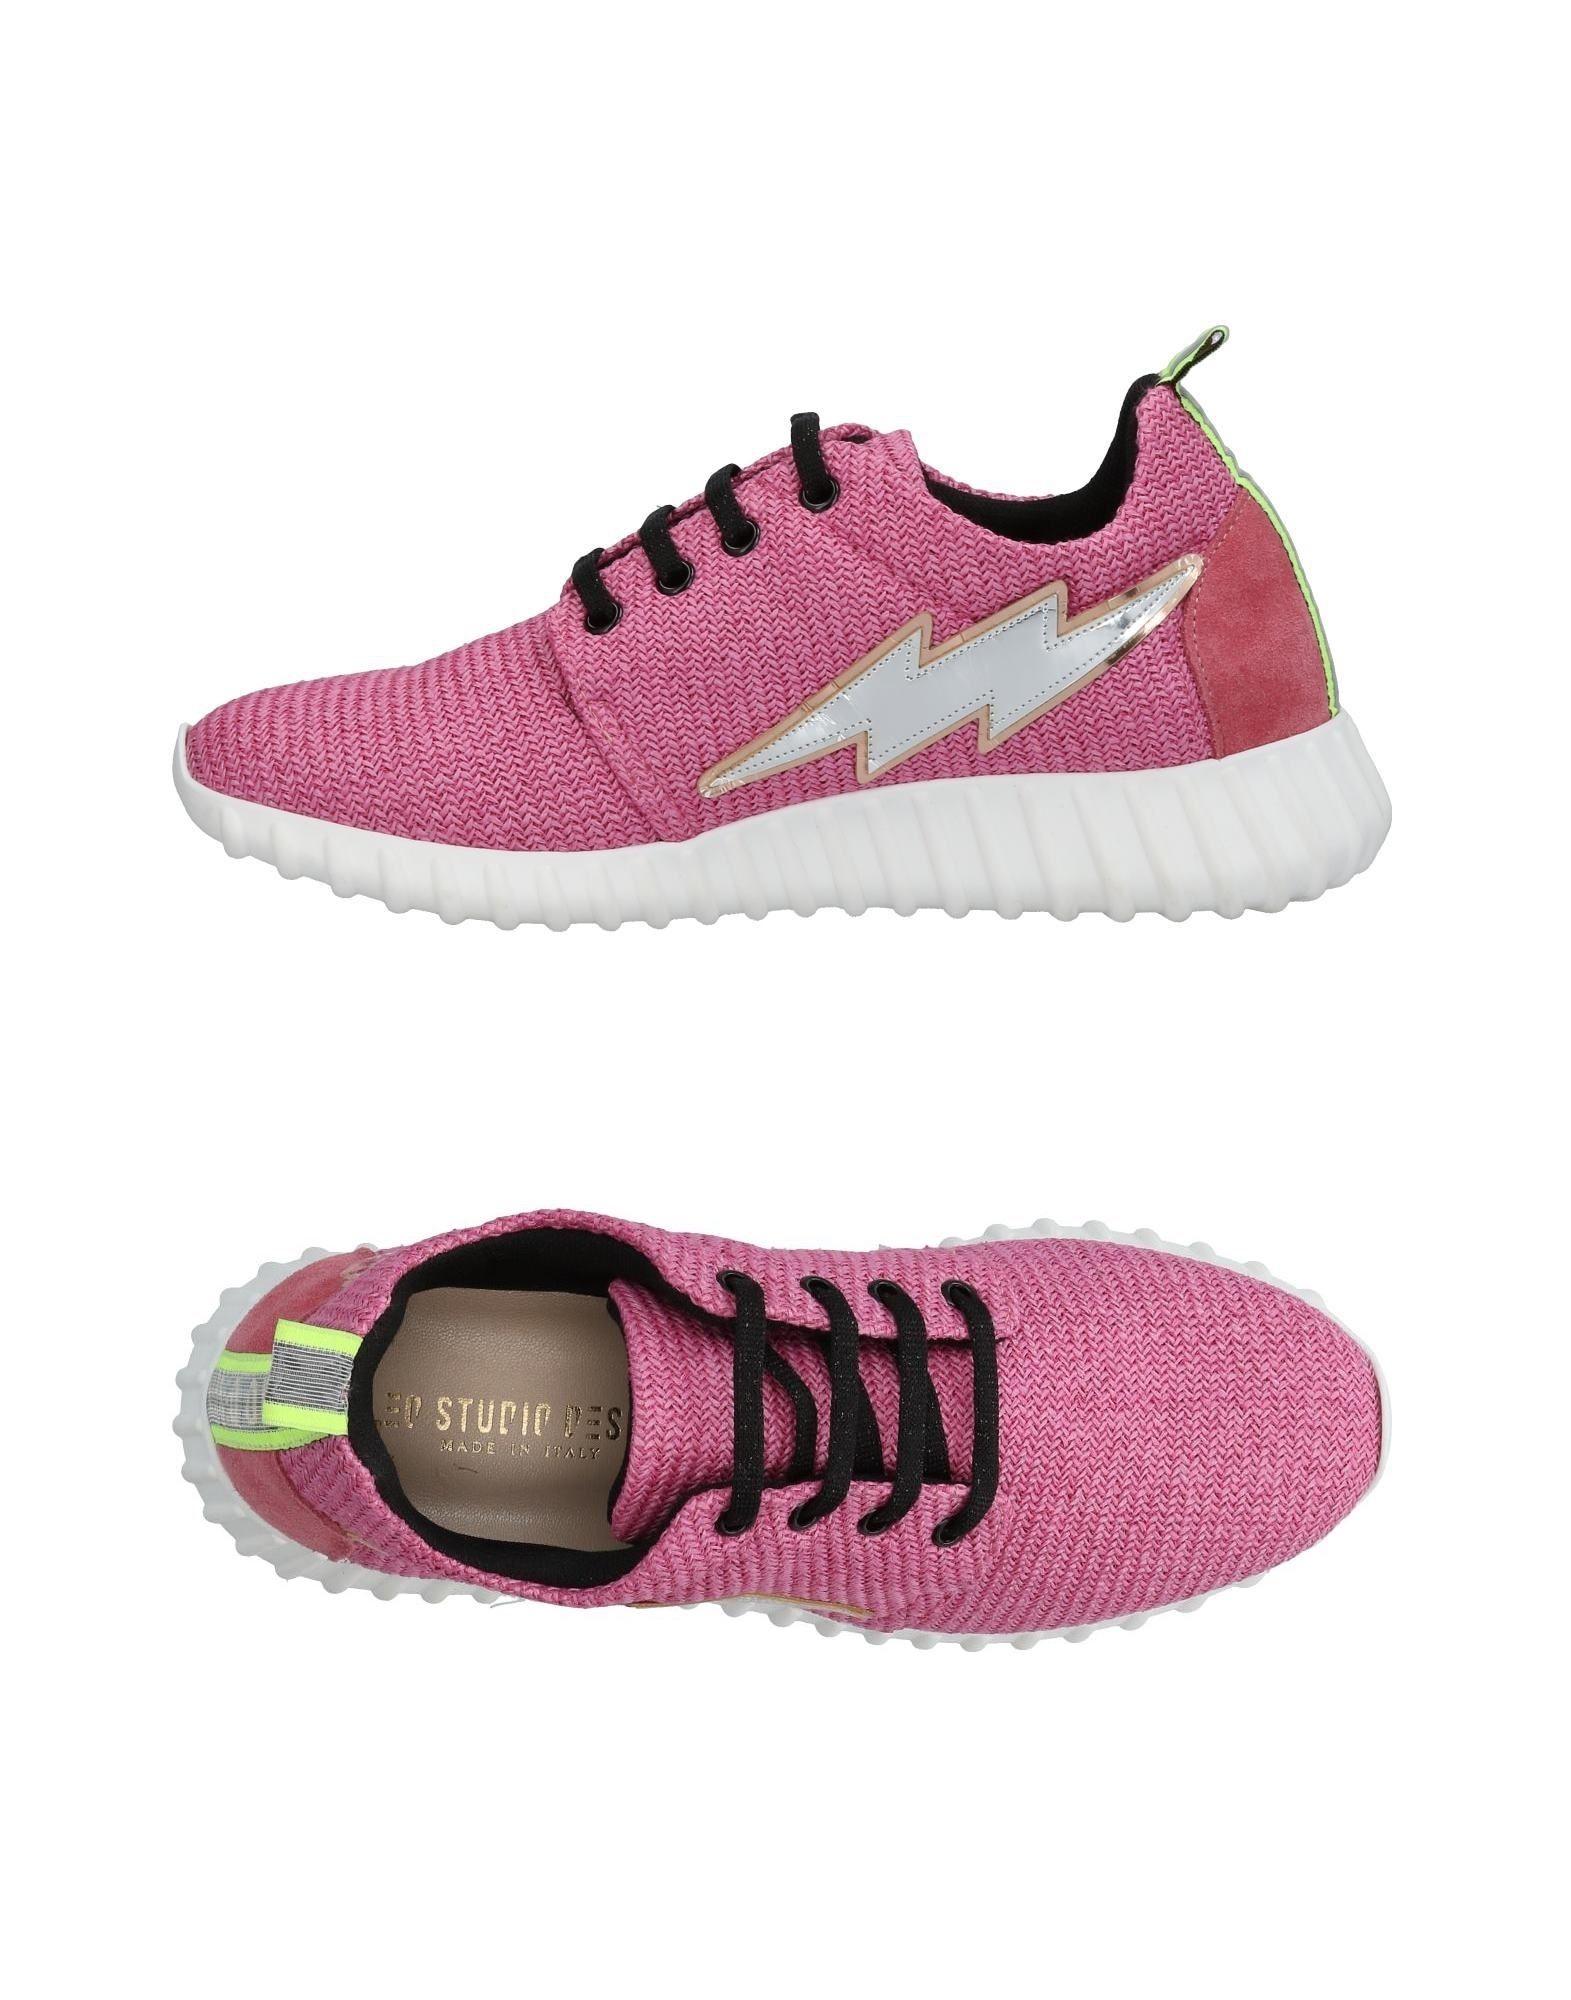 Sneakers Leo Studio Design Donna - 11376585GN